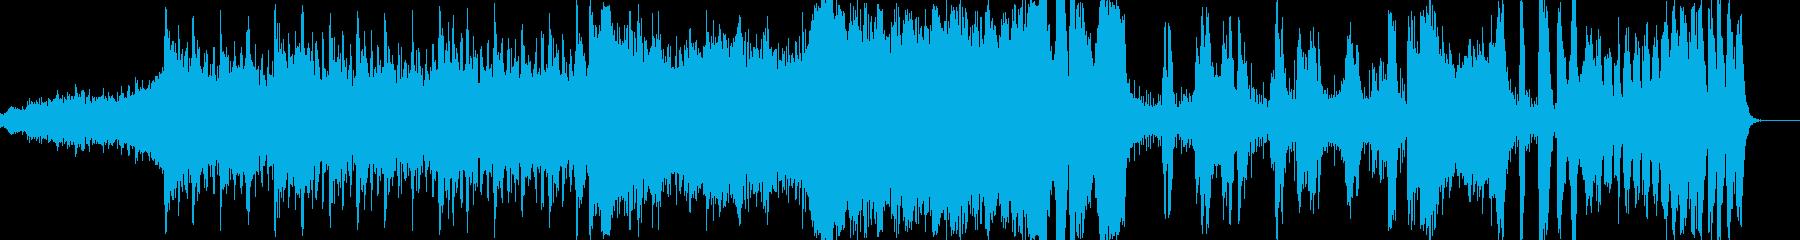 迫力あるエピック系BGMの再生済みの波形